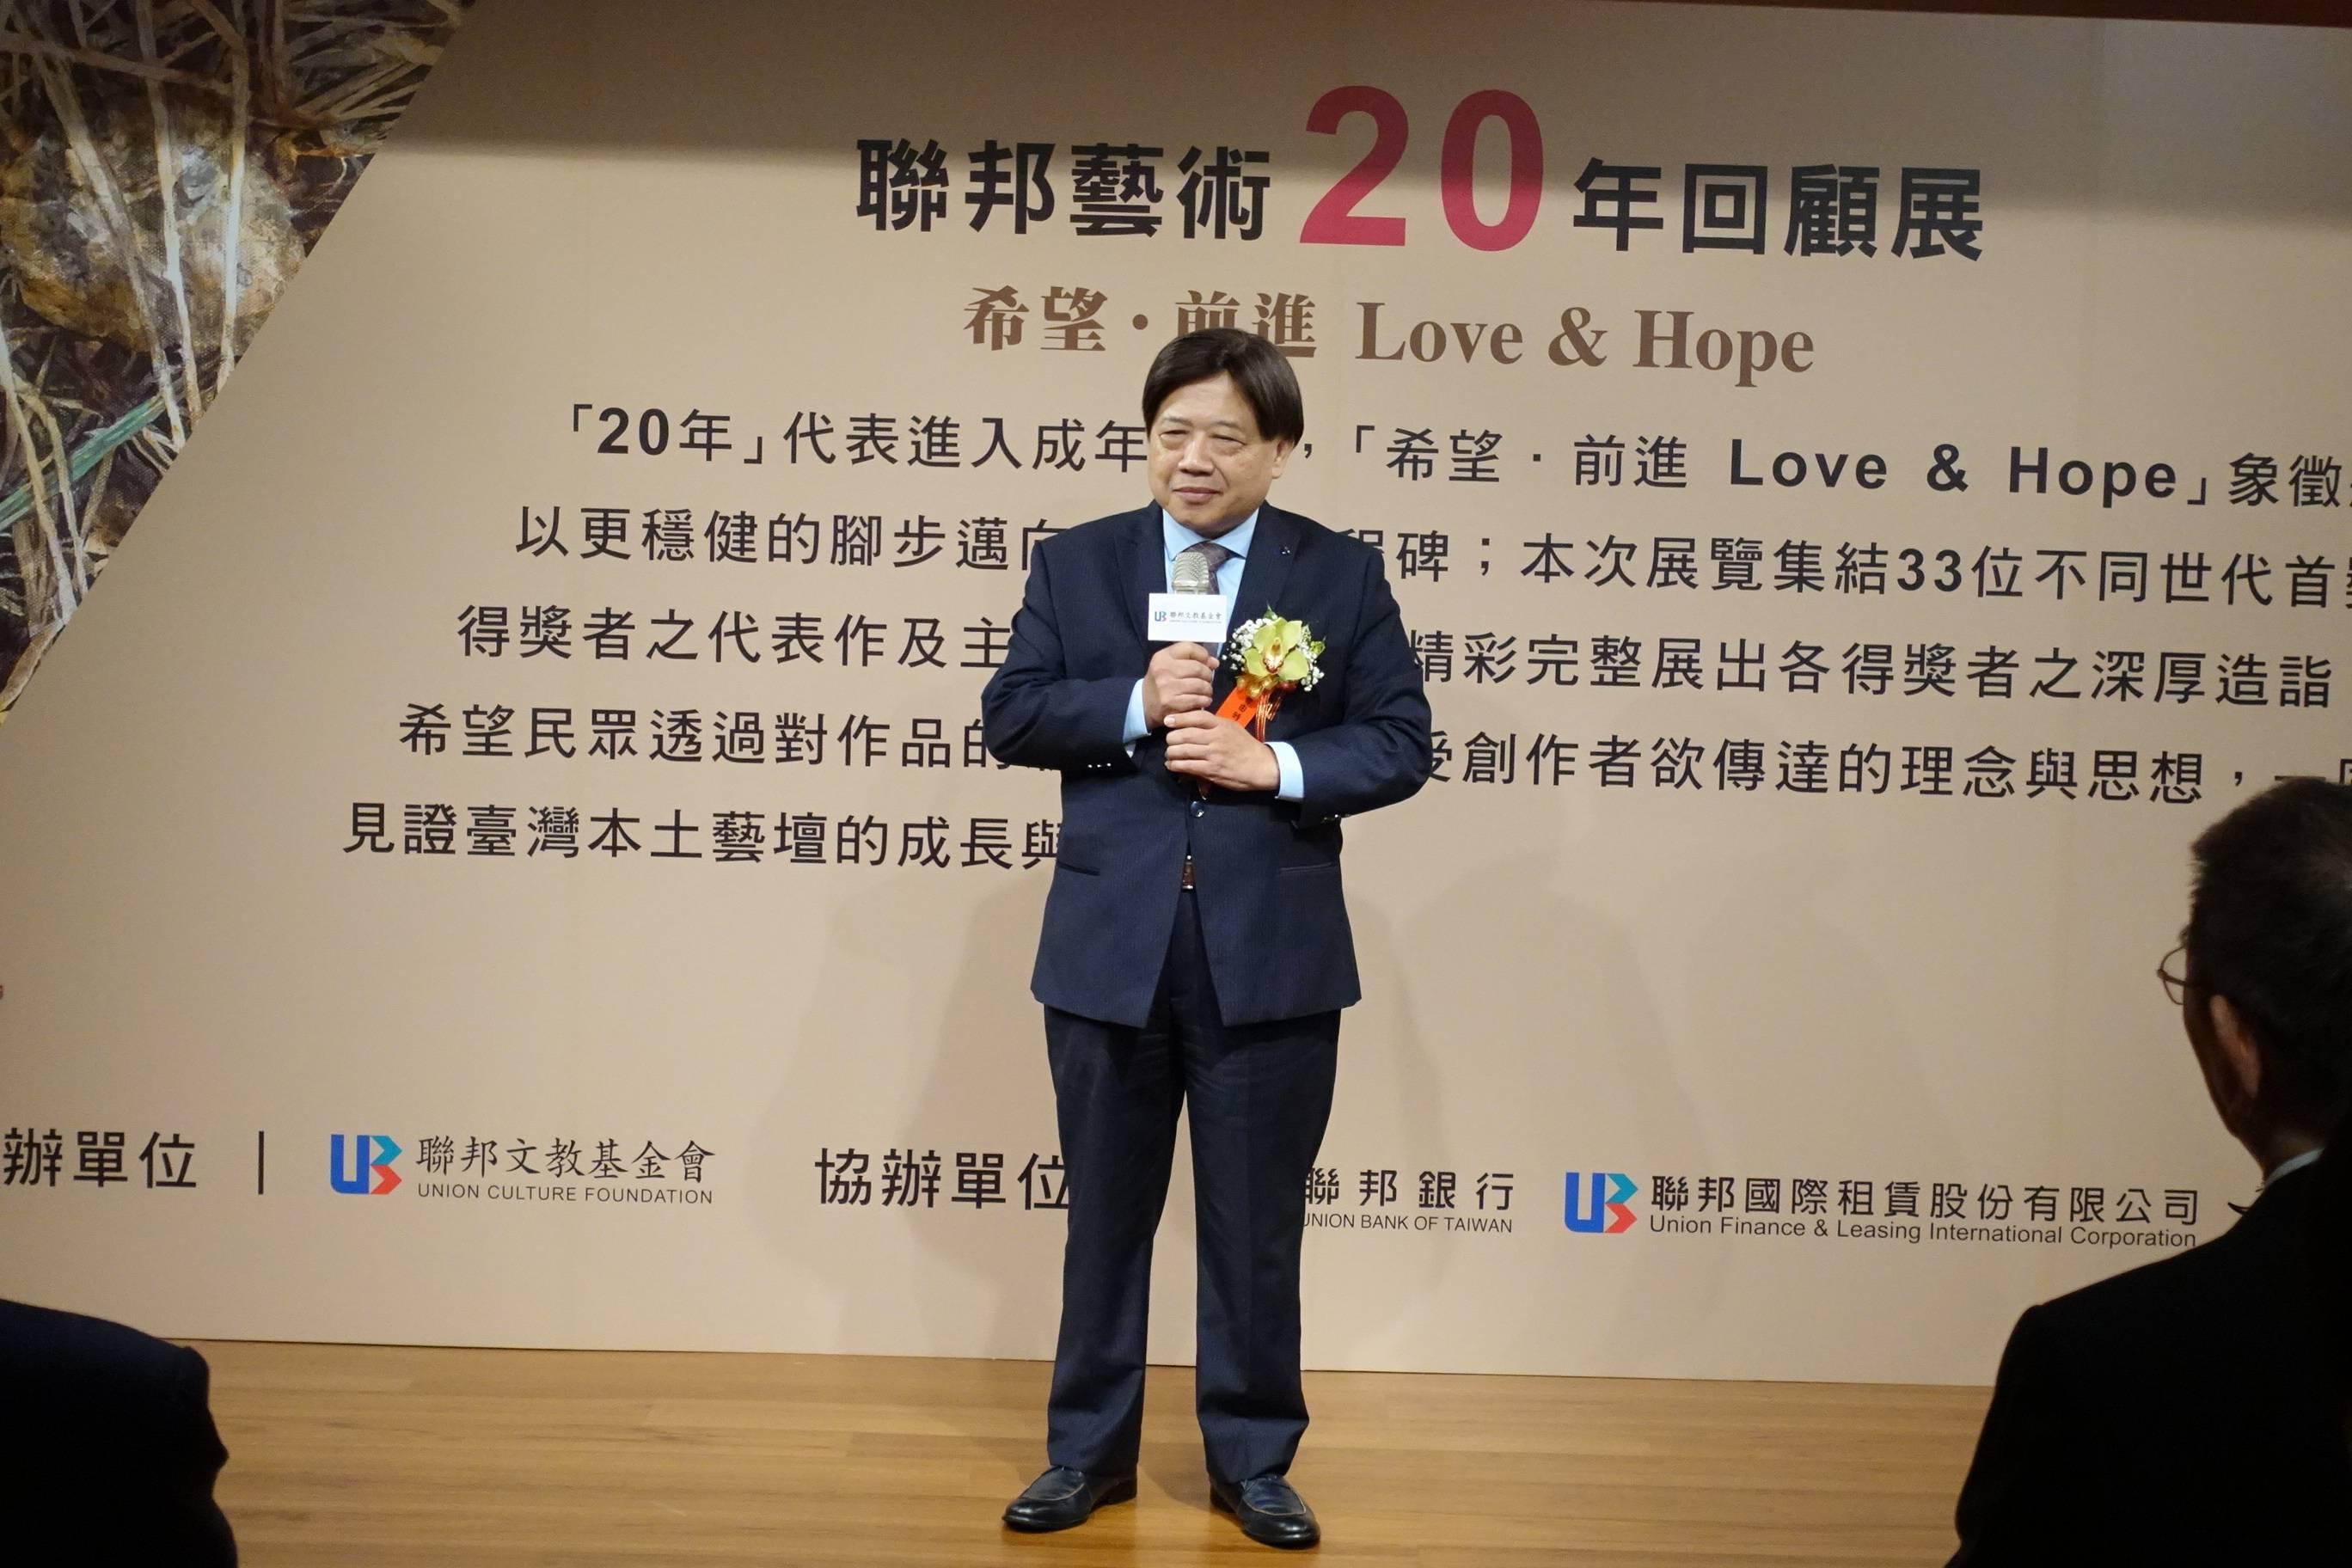 自由時報副社長陳進榮致詞。